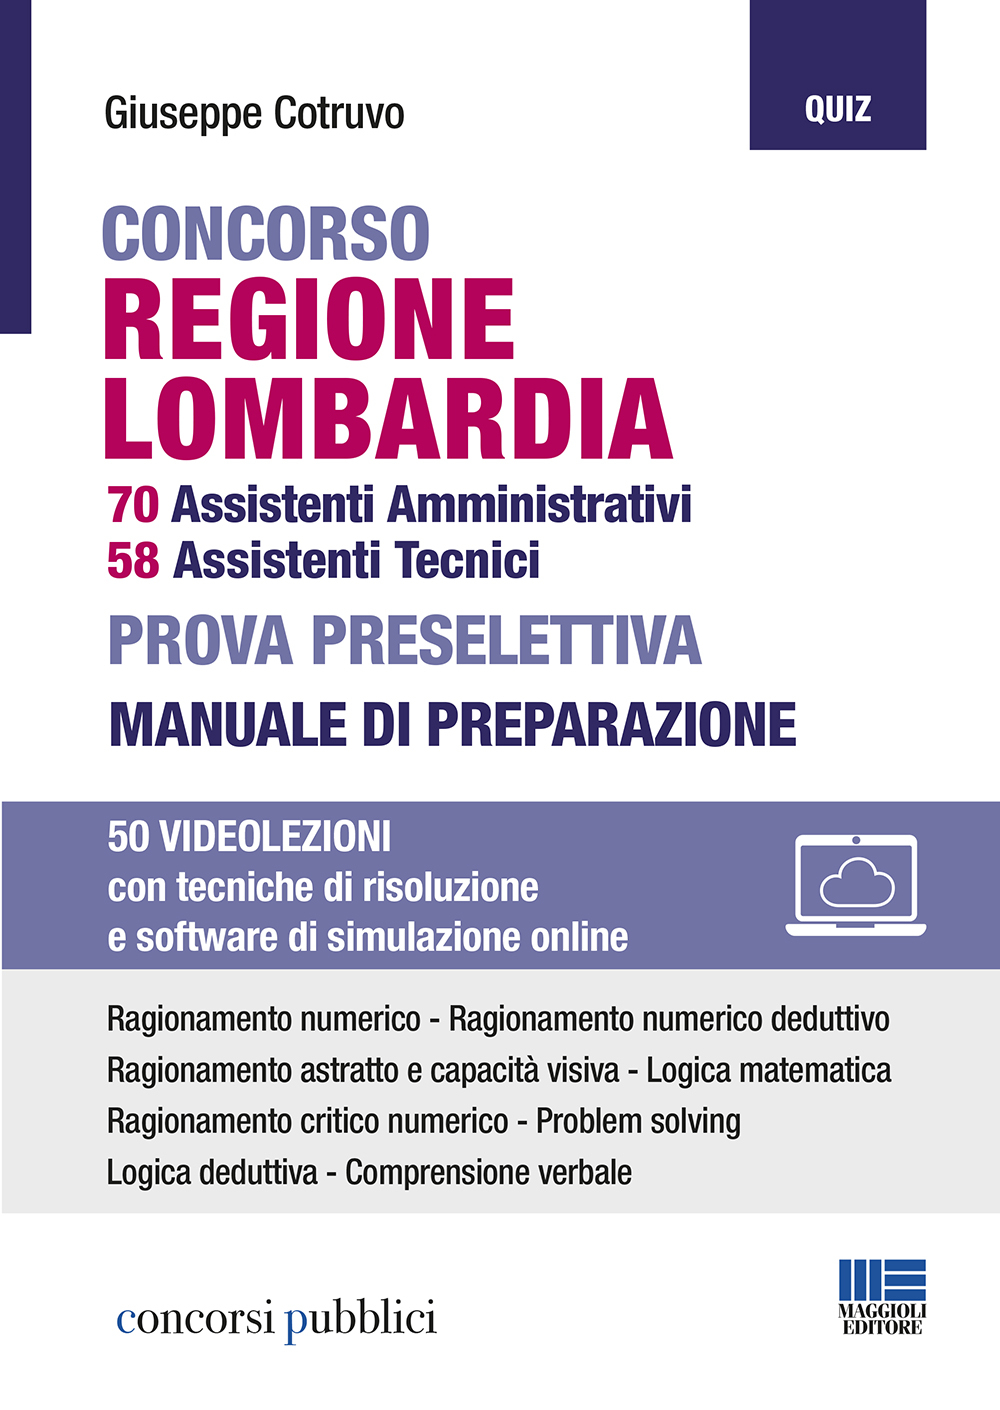 Concorso Regione Lombardia 2020 per Amministrativi